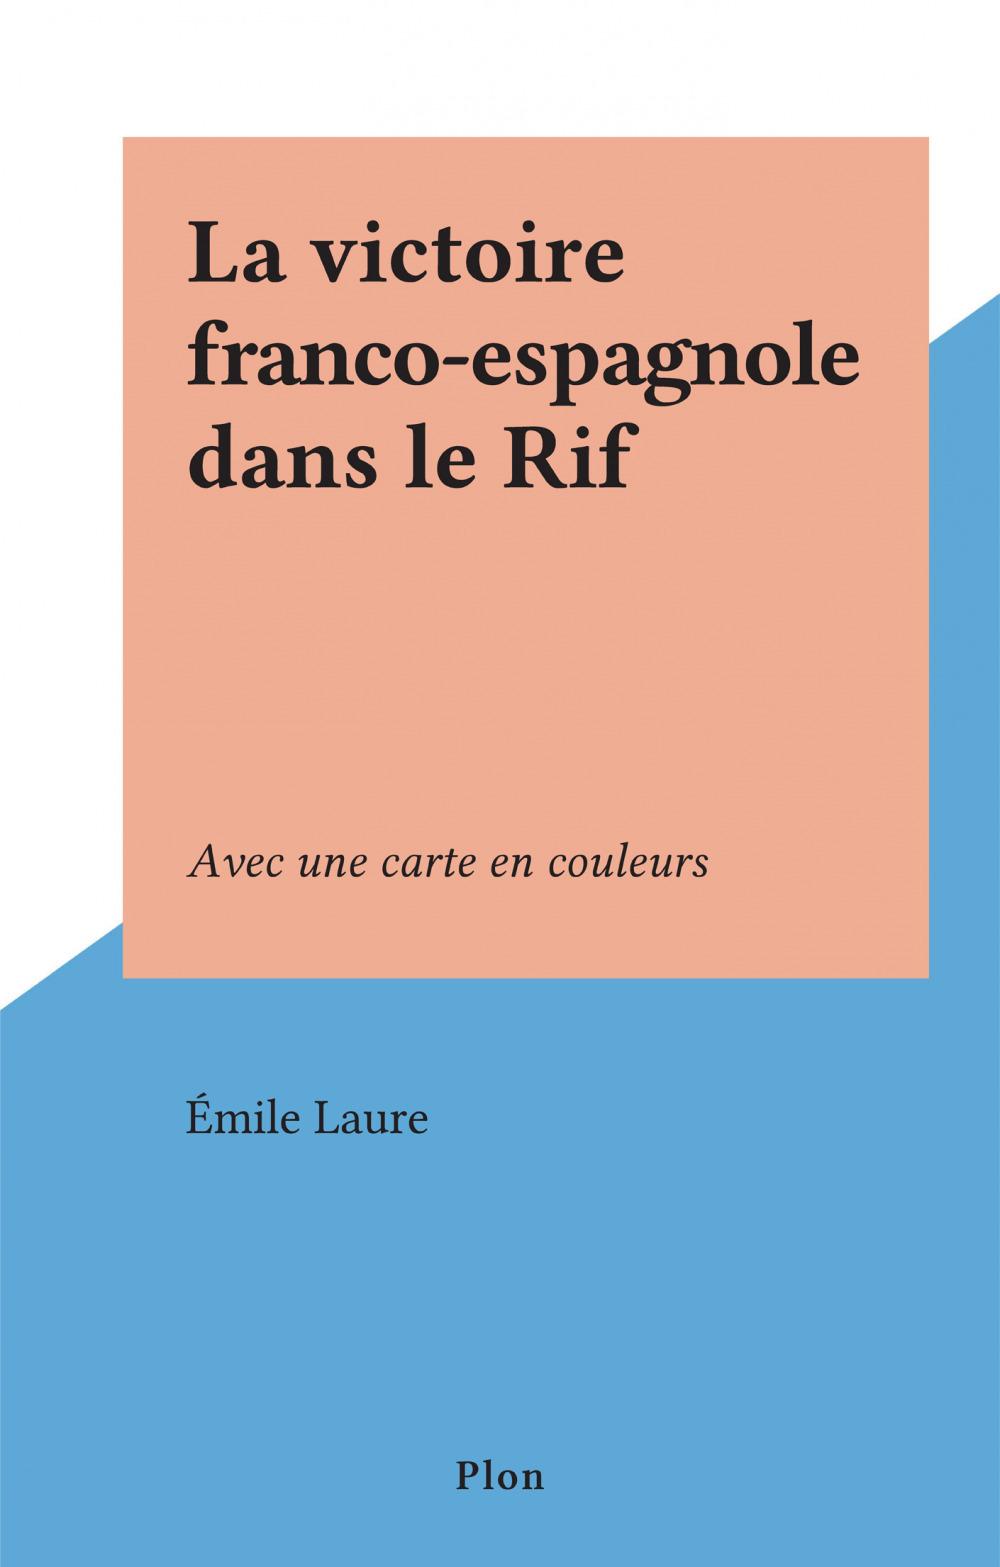 La victoire franco-espagnole dans le Rif  - Emile Laure